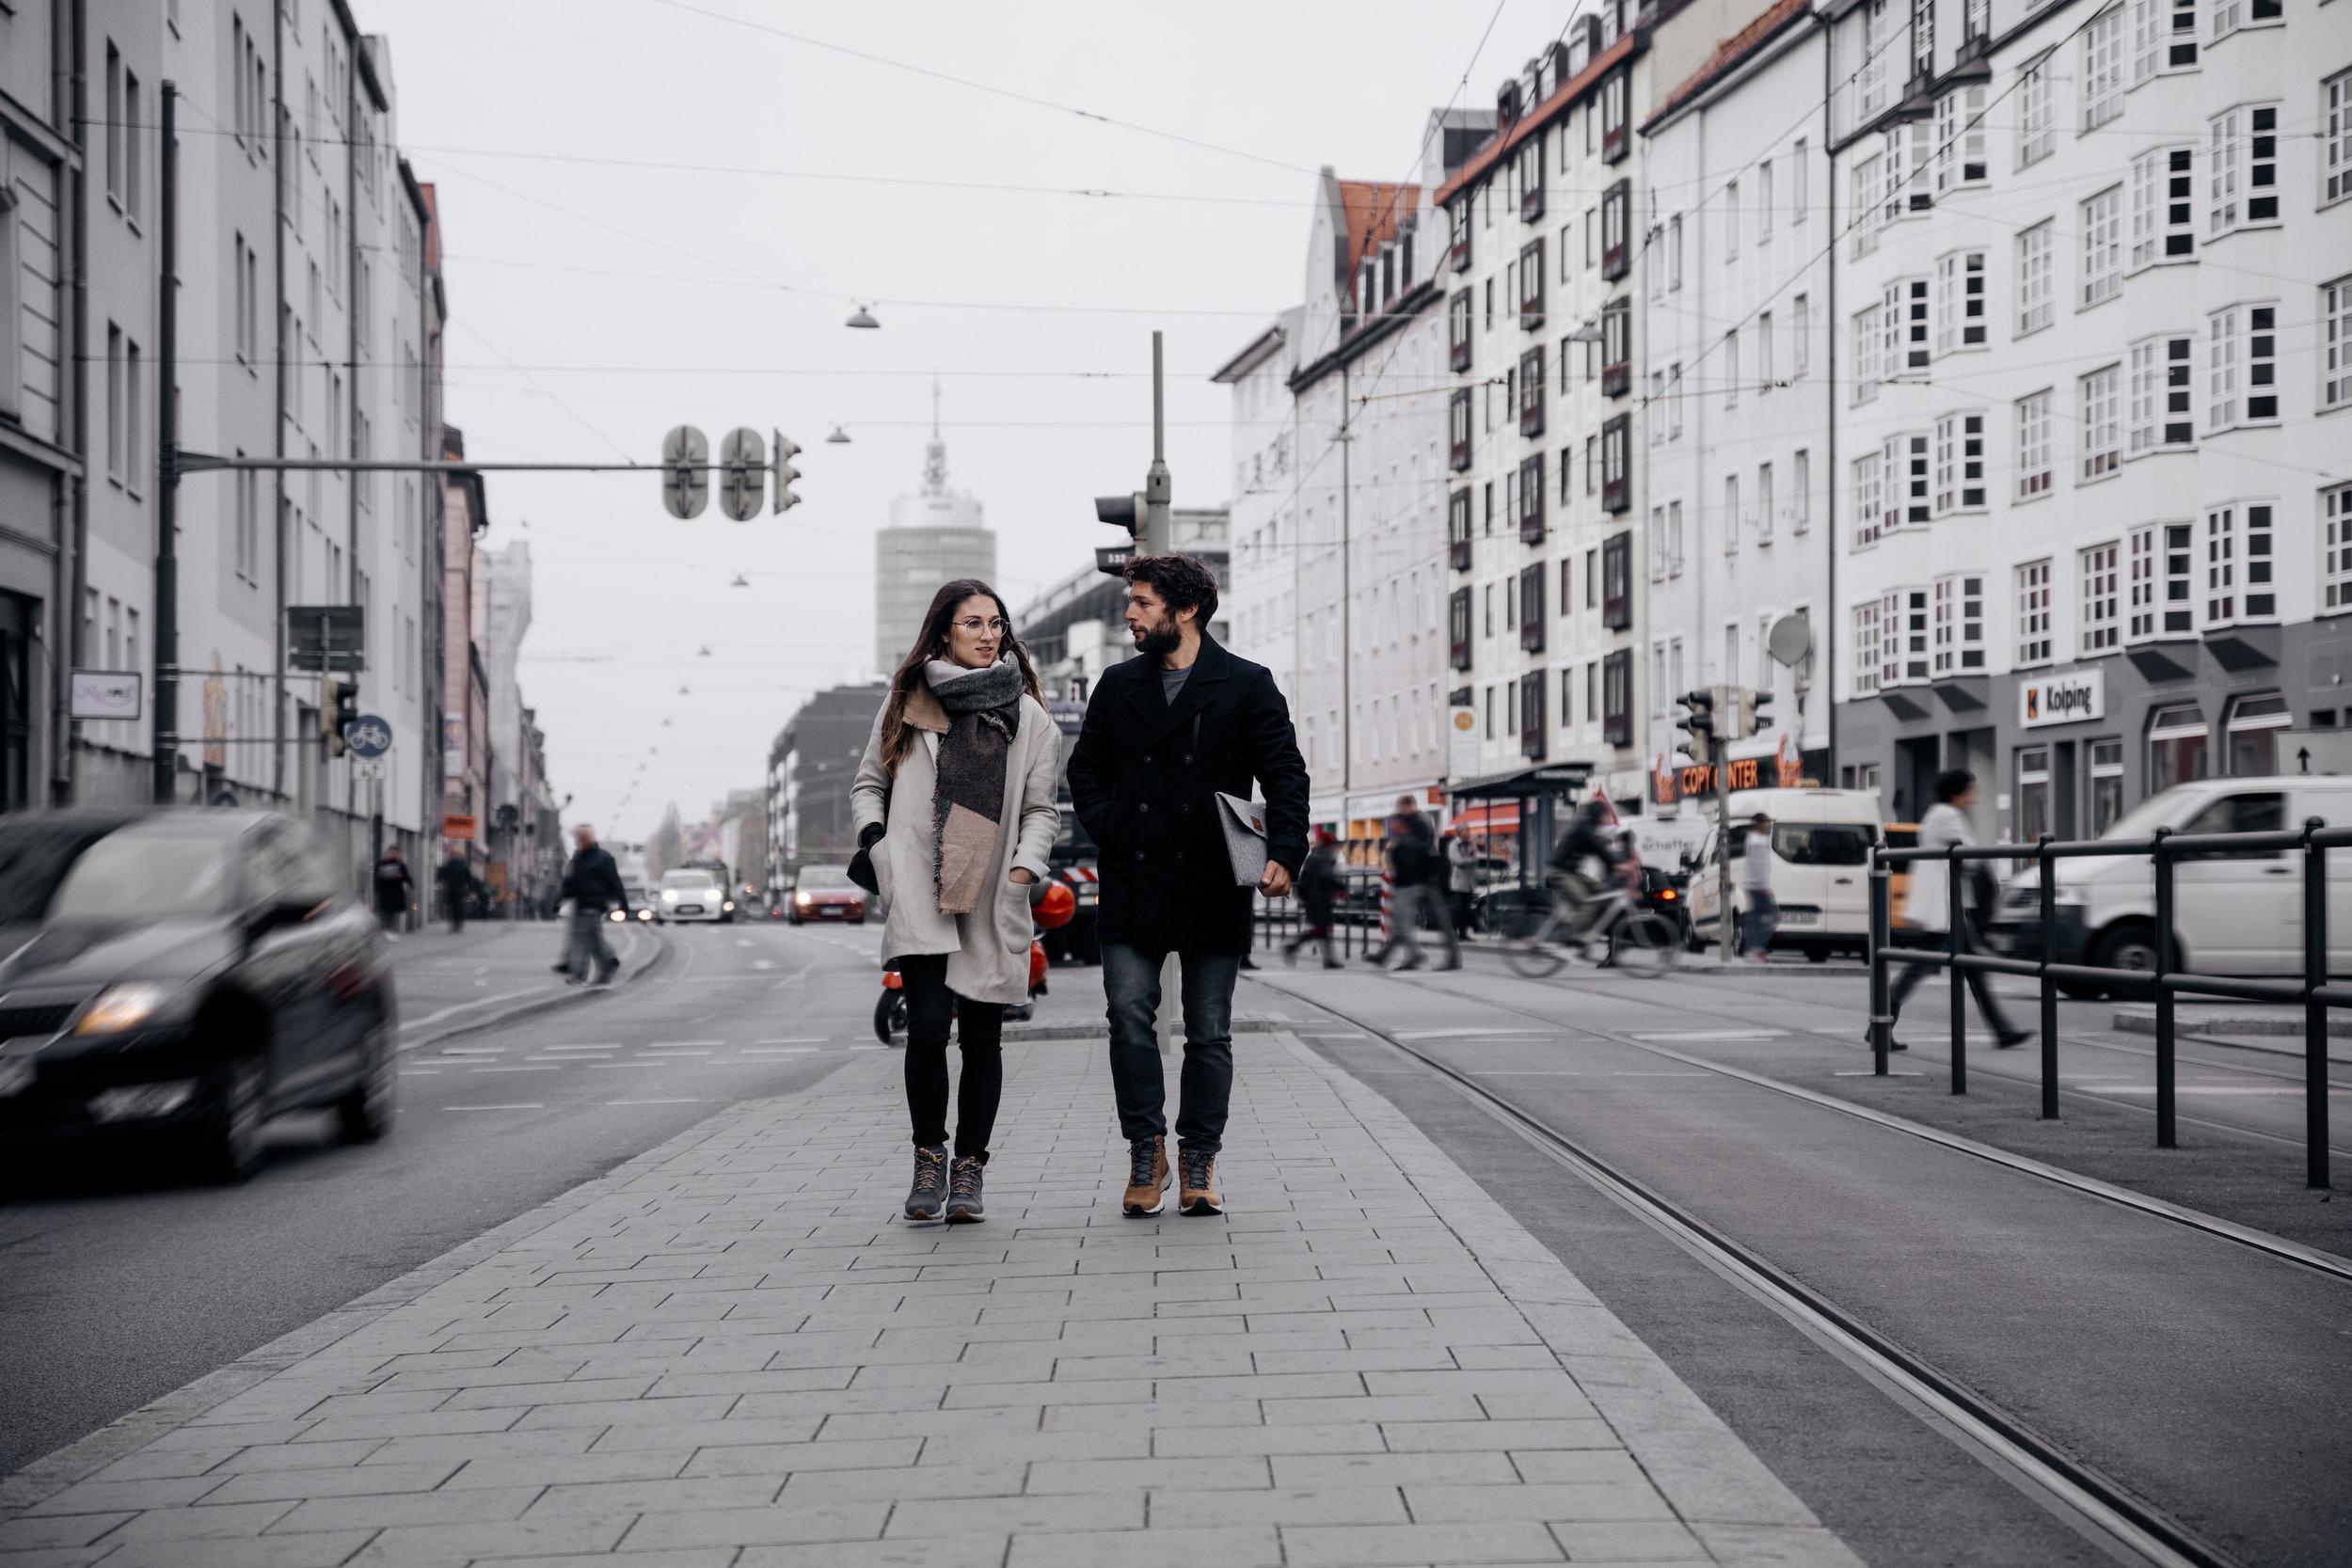 Dachstein_AW19-Urban_MRCLTR-26.jpg